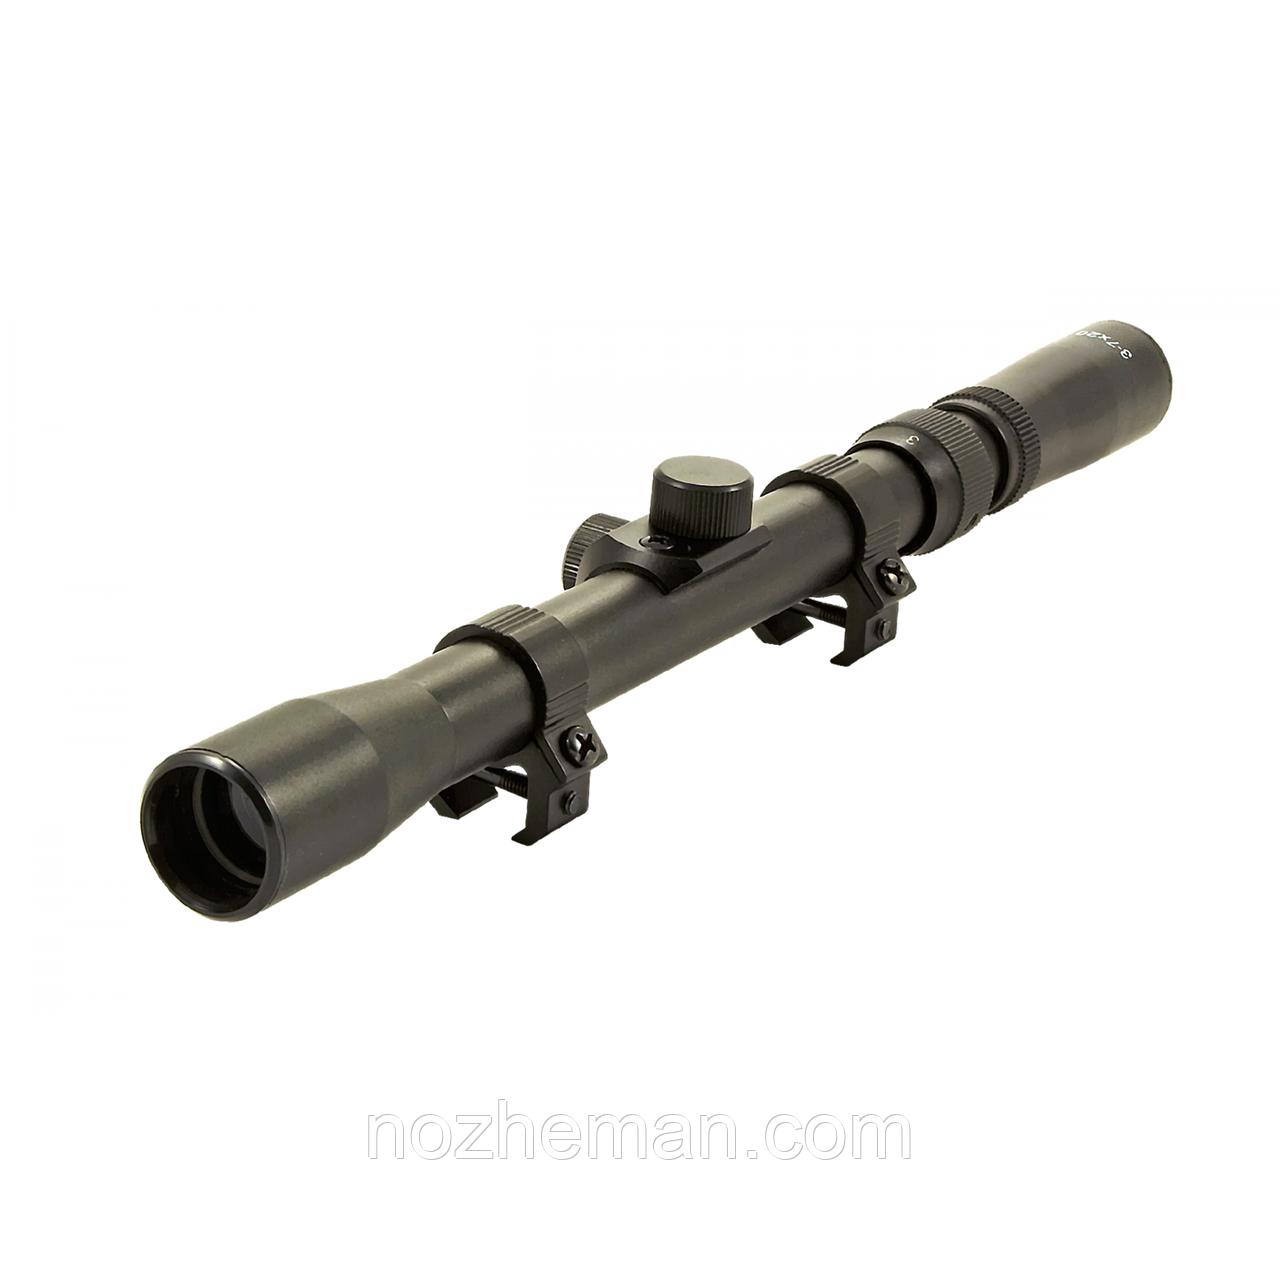 Прицел оптический переменной кратности 3-7x20-Tasco, для установки на пневматическое оружие, а также арбалет